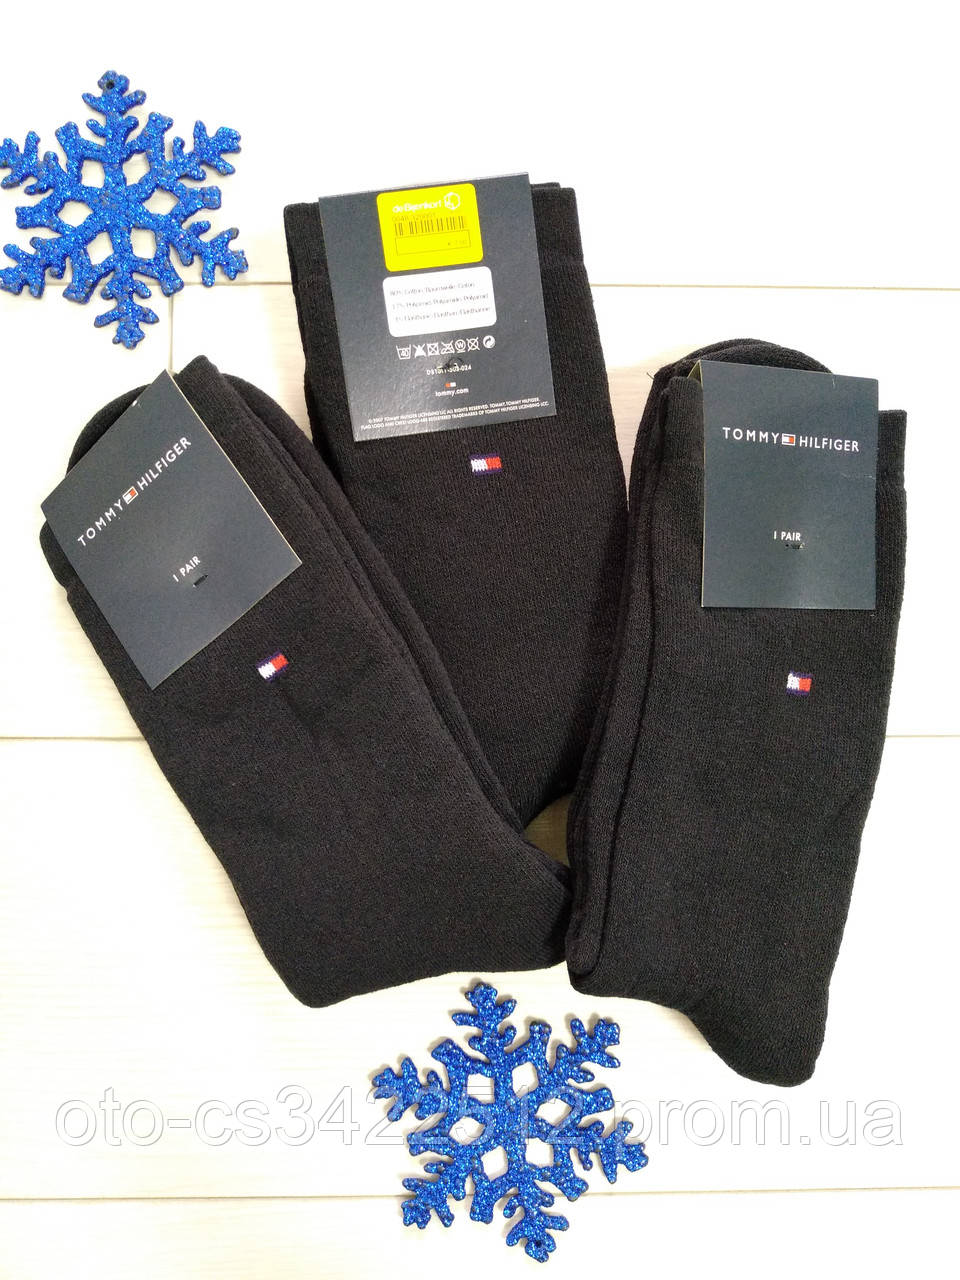 Шкарпетки чоловічі теплі Tommy Hilfiger